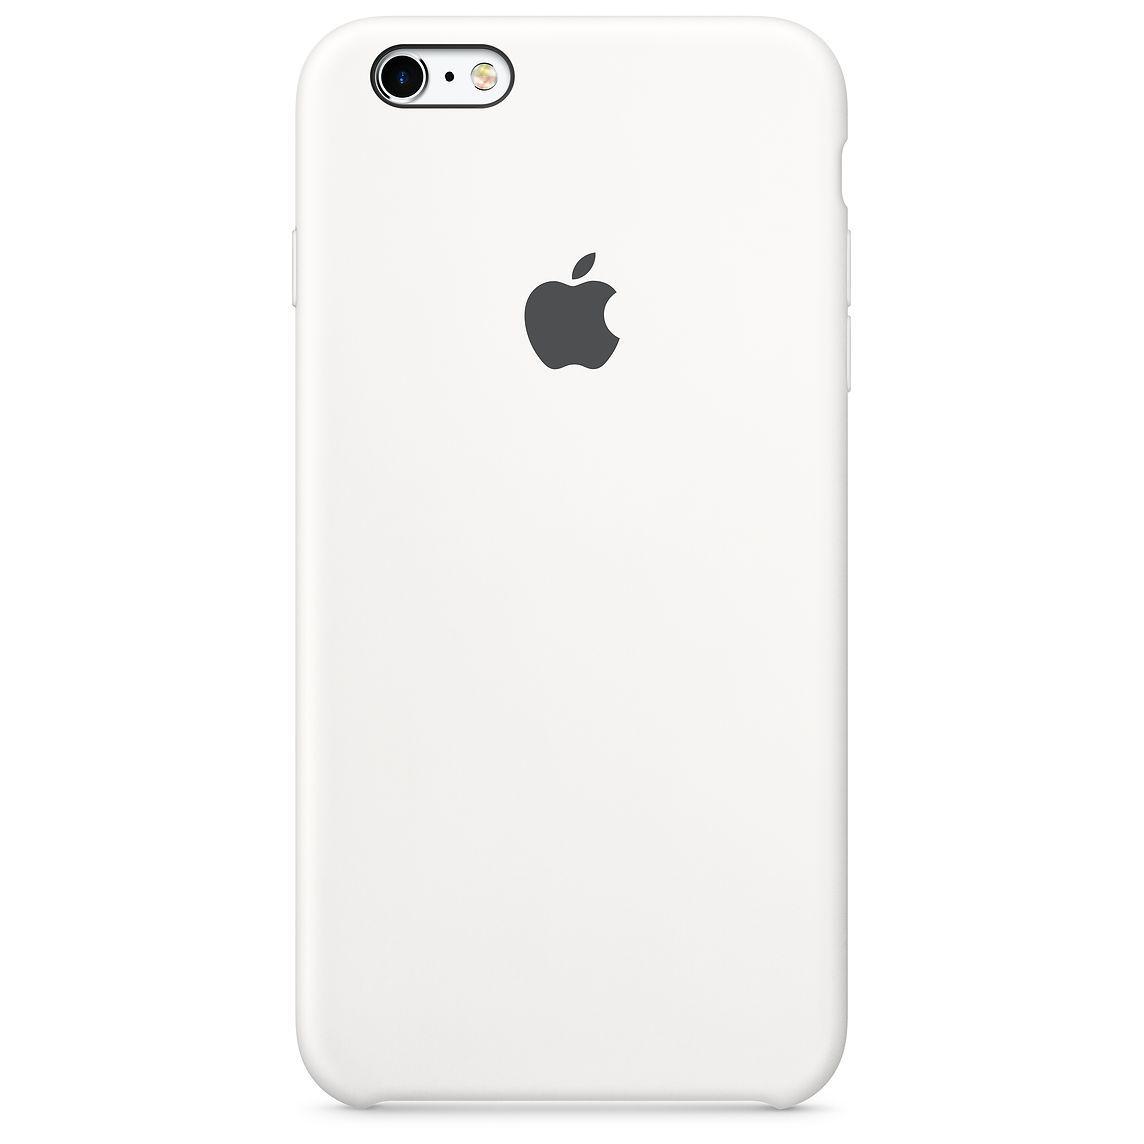 Capa silicone iPhone 6s Plus/6 Plus